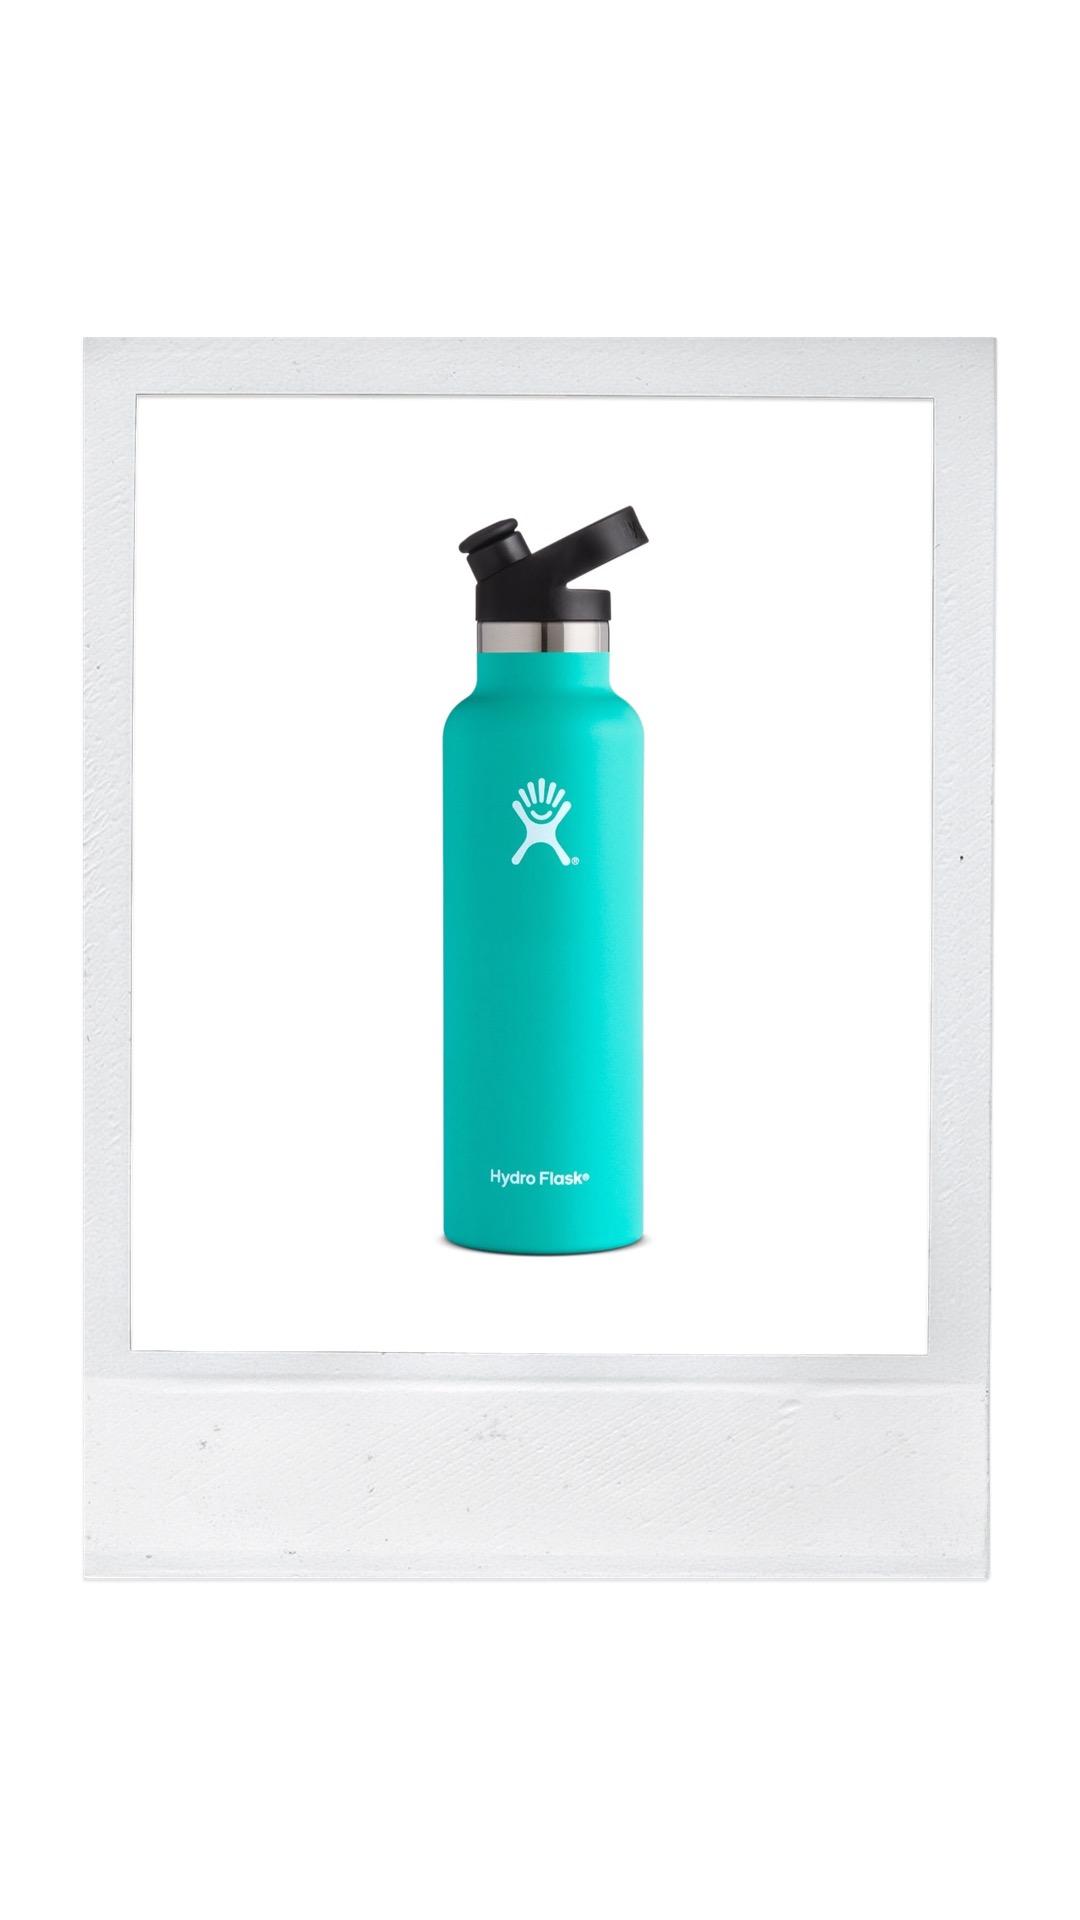 hydro flask .jpeg